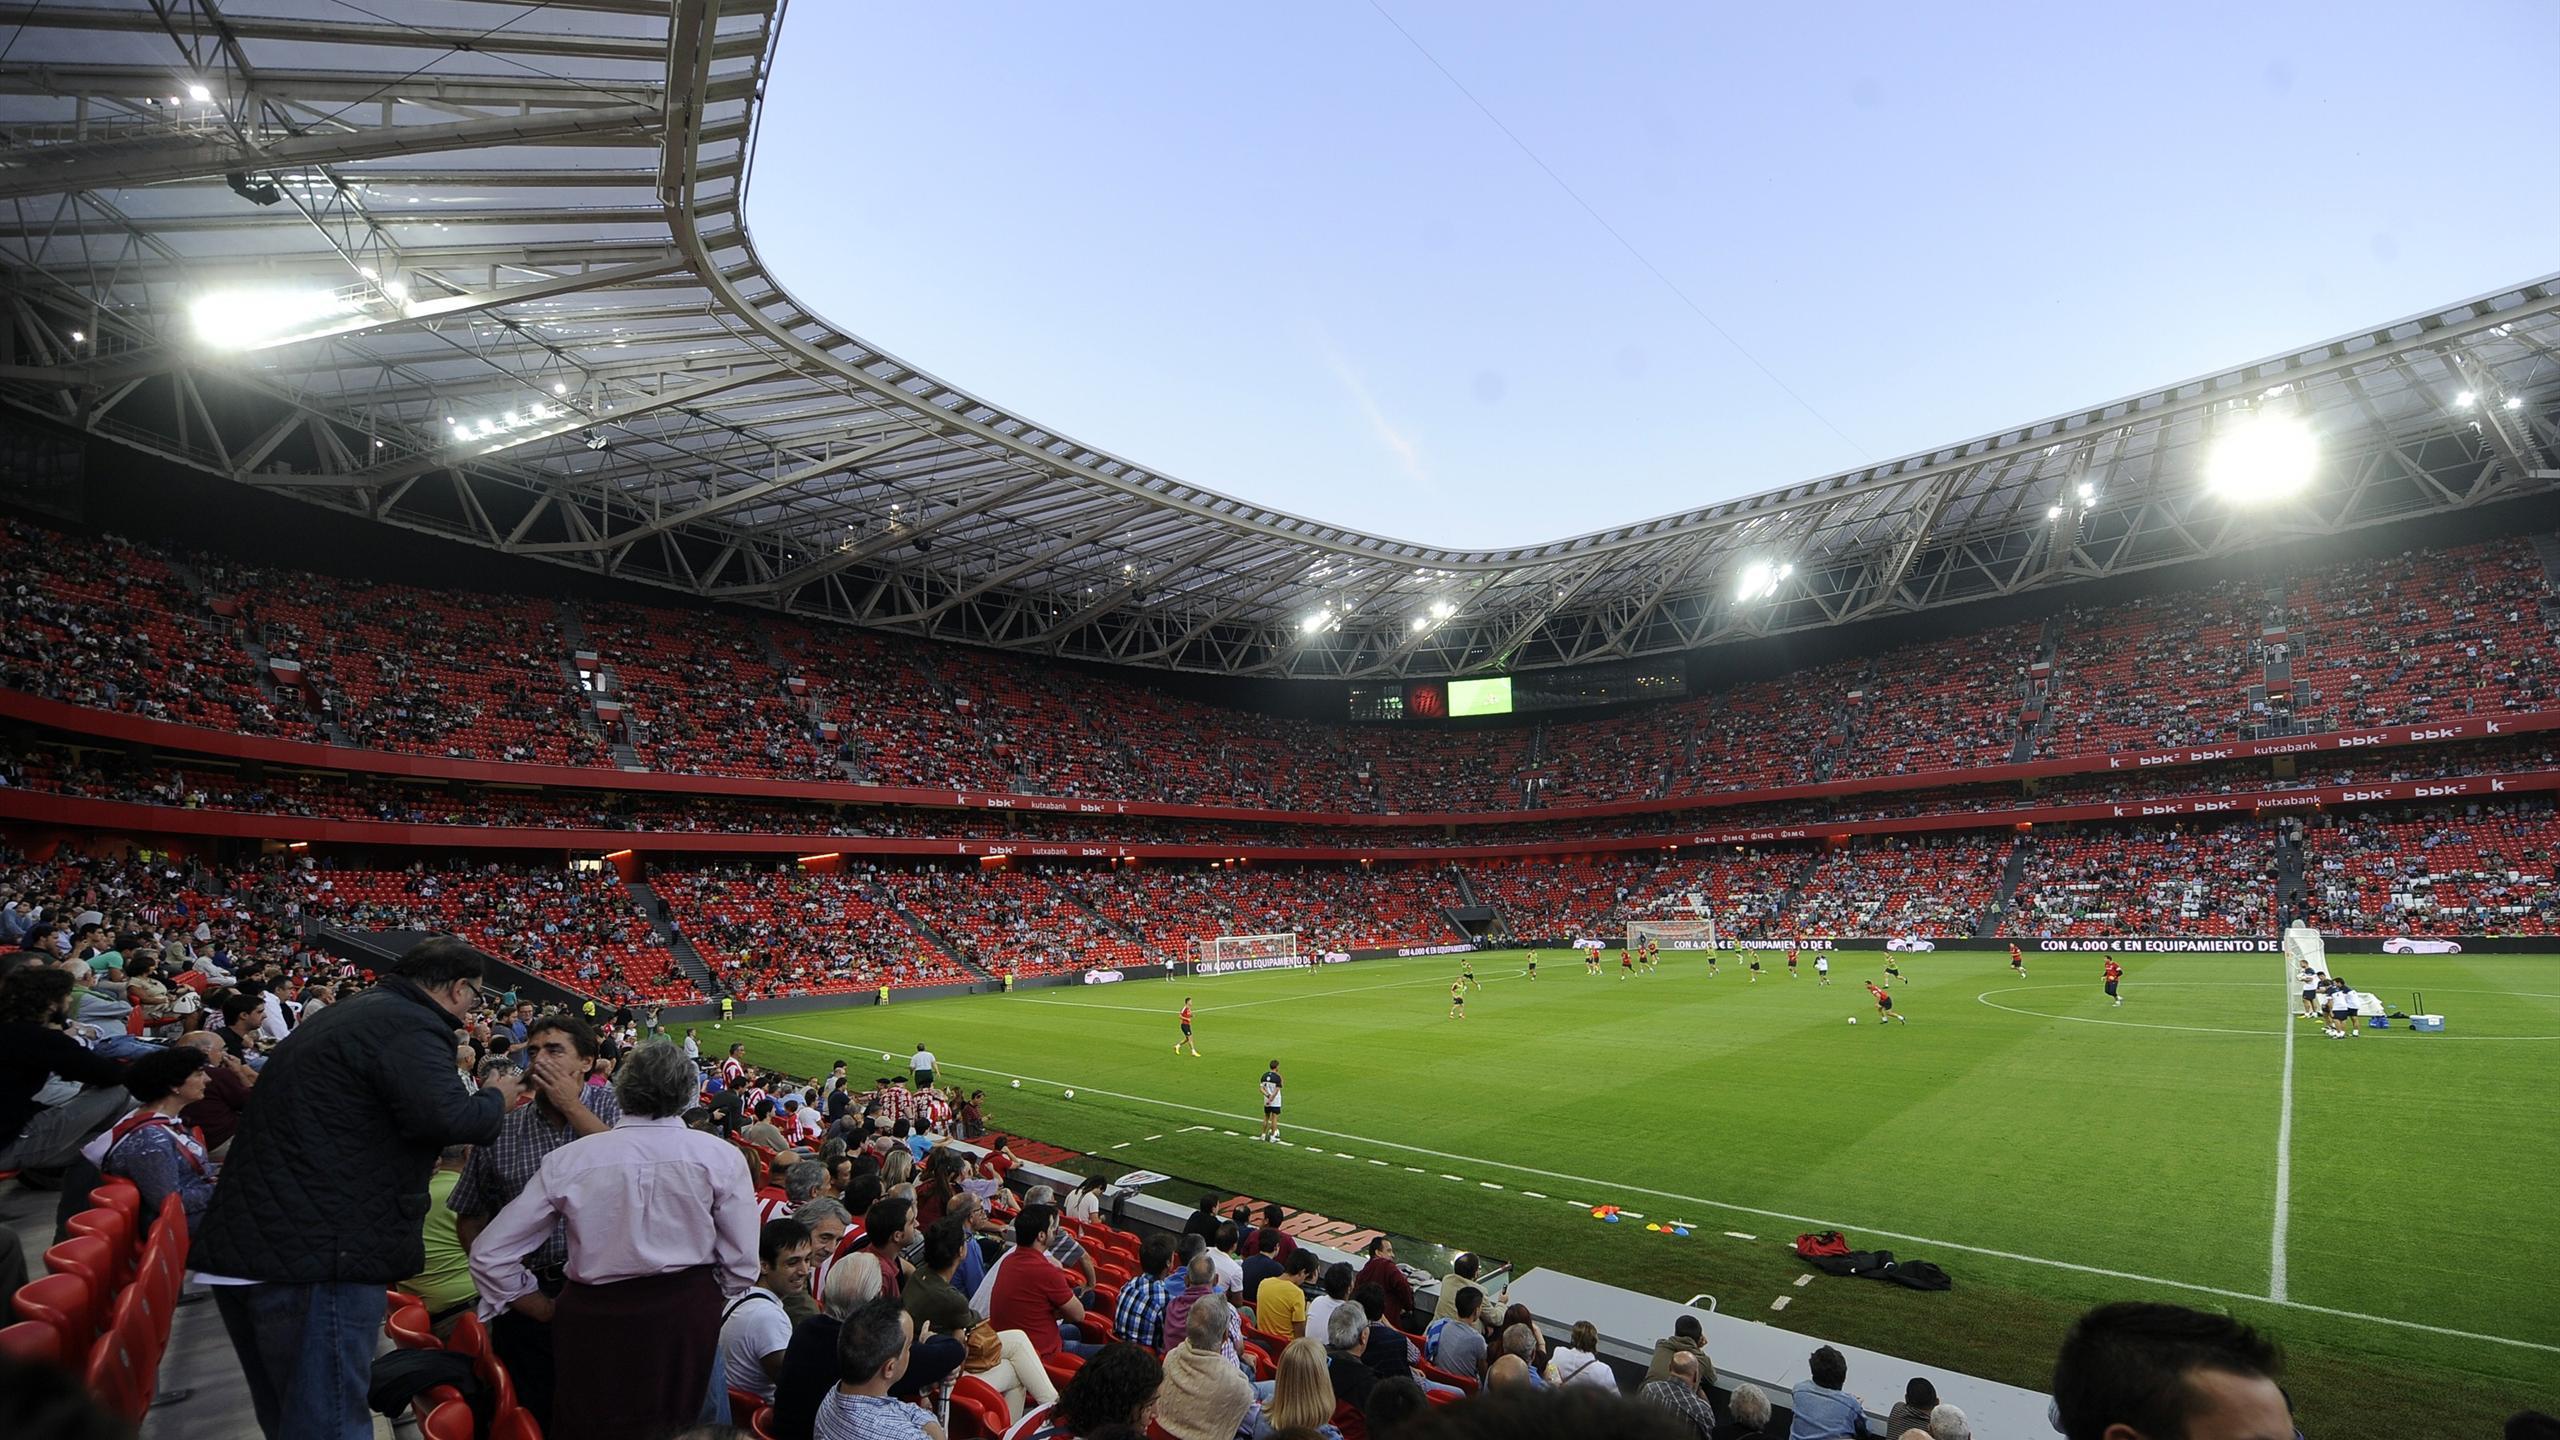 FOOTBALL MASCULIN CHAMPIONNAT D'EUROPE 2020 1316841-28330049-2560-1440